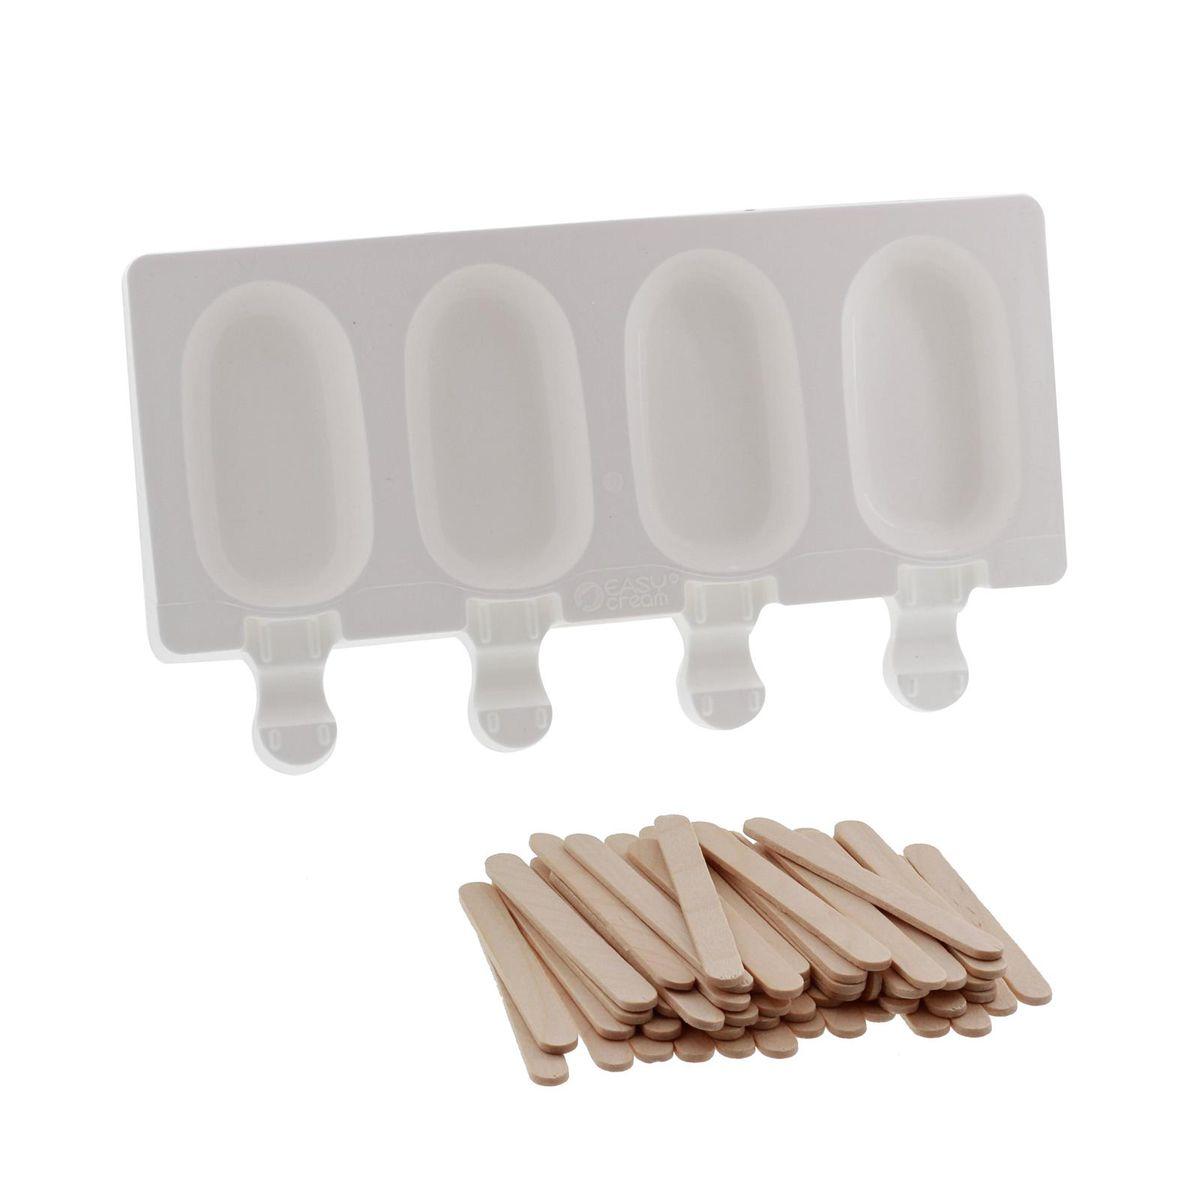 Moule 4 mini glaces esquimaux classiques en silicone et 50 bâtonnets en bois- Silikomart